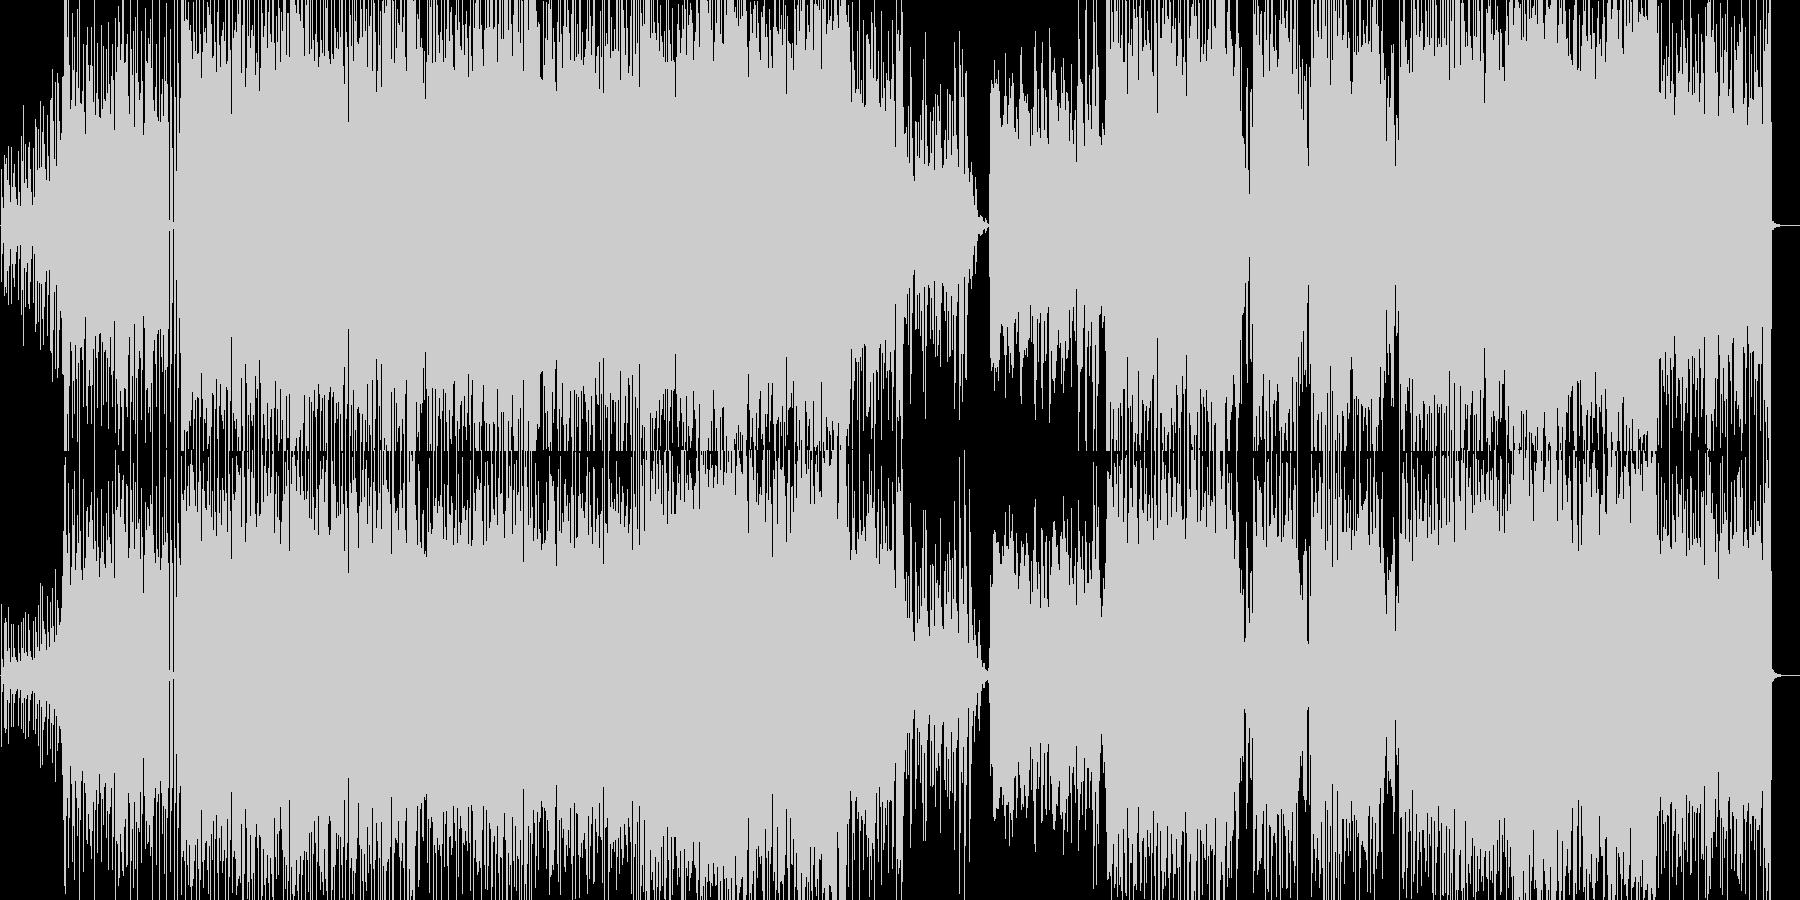 煌びやかで不思議なエレクトロニカ・ポップの未再生の波形